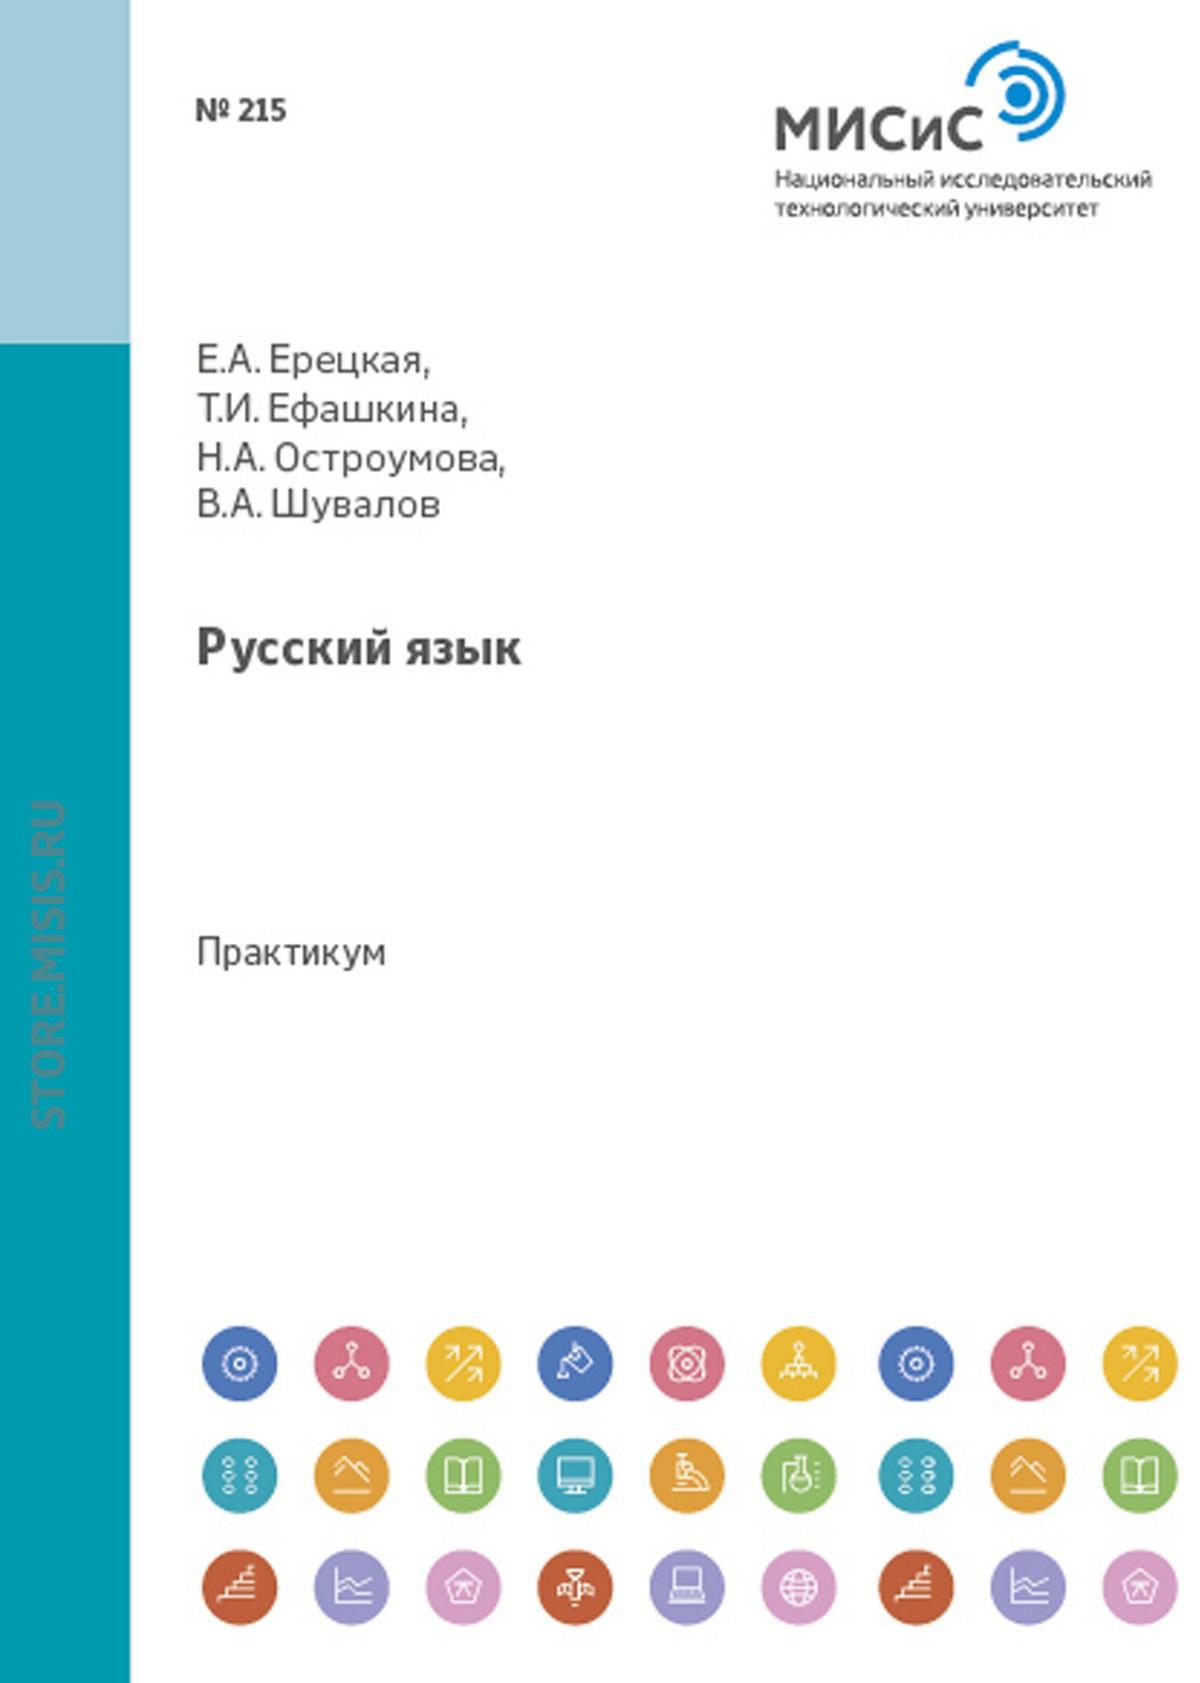 Русский язык. Практикум по развитию навыков письменной речи